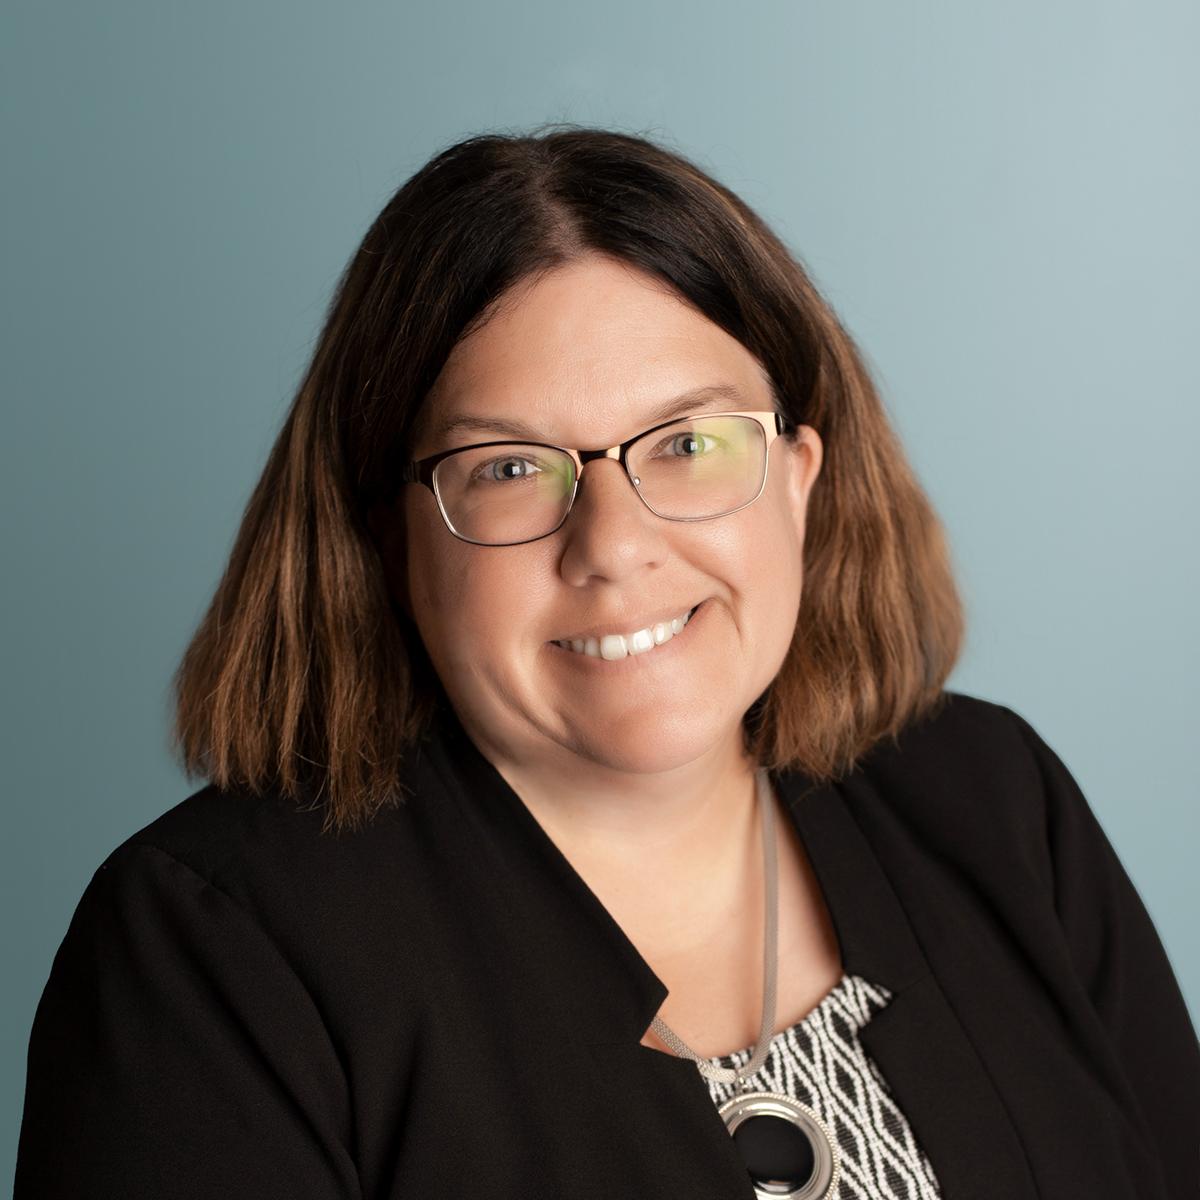 Sandra M. Edling